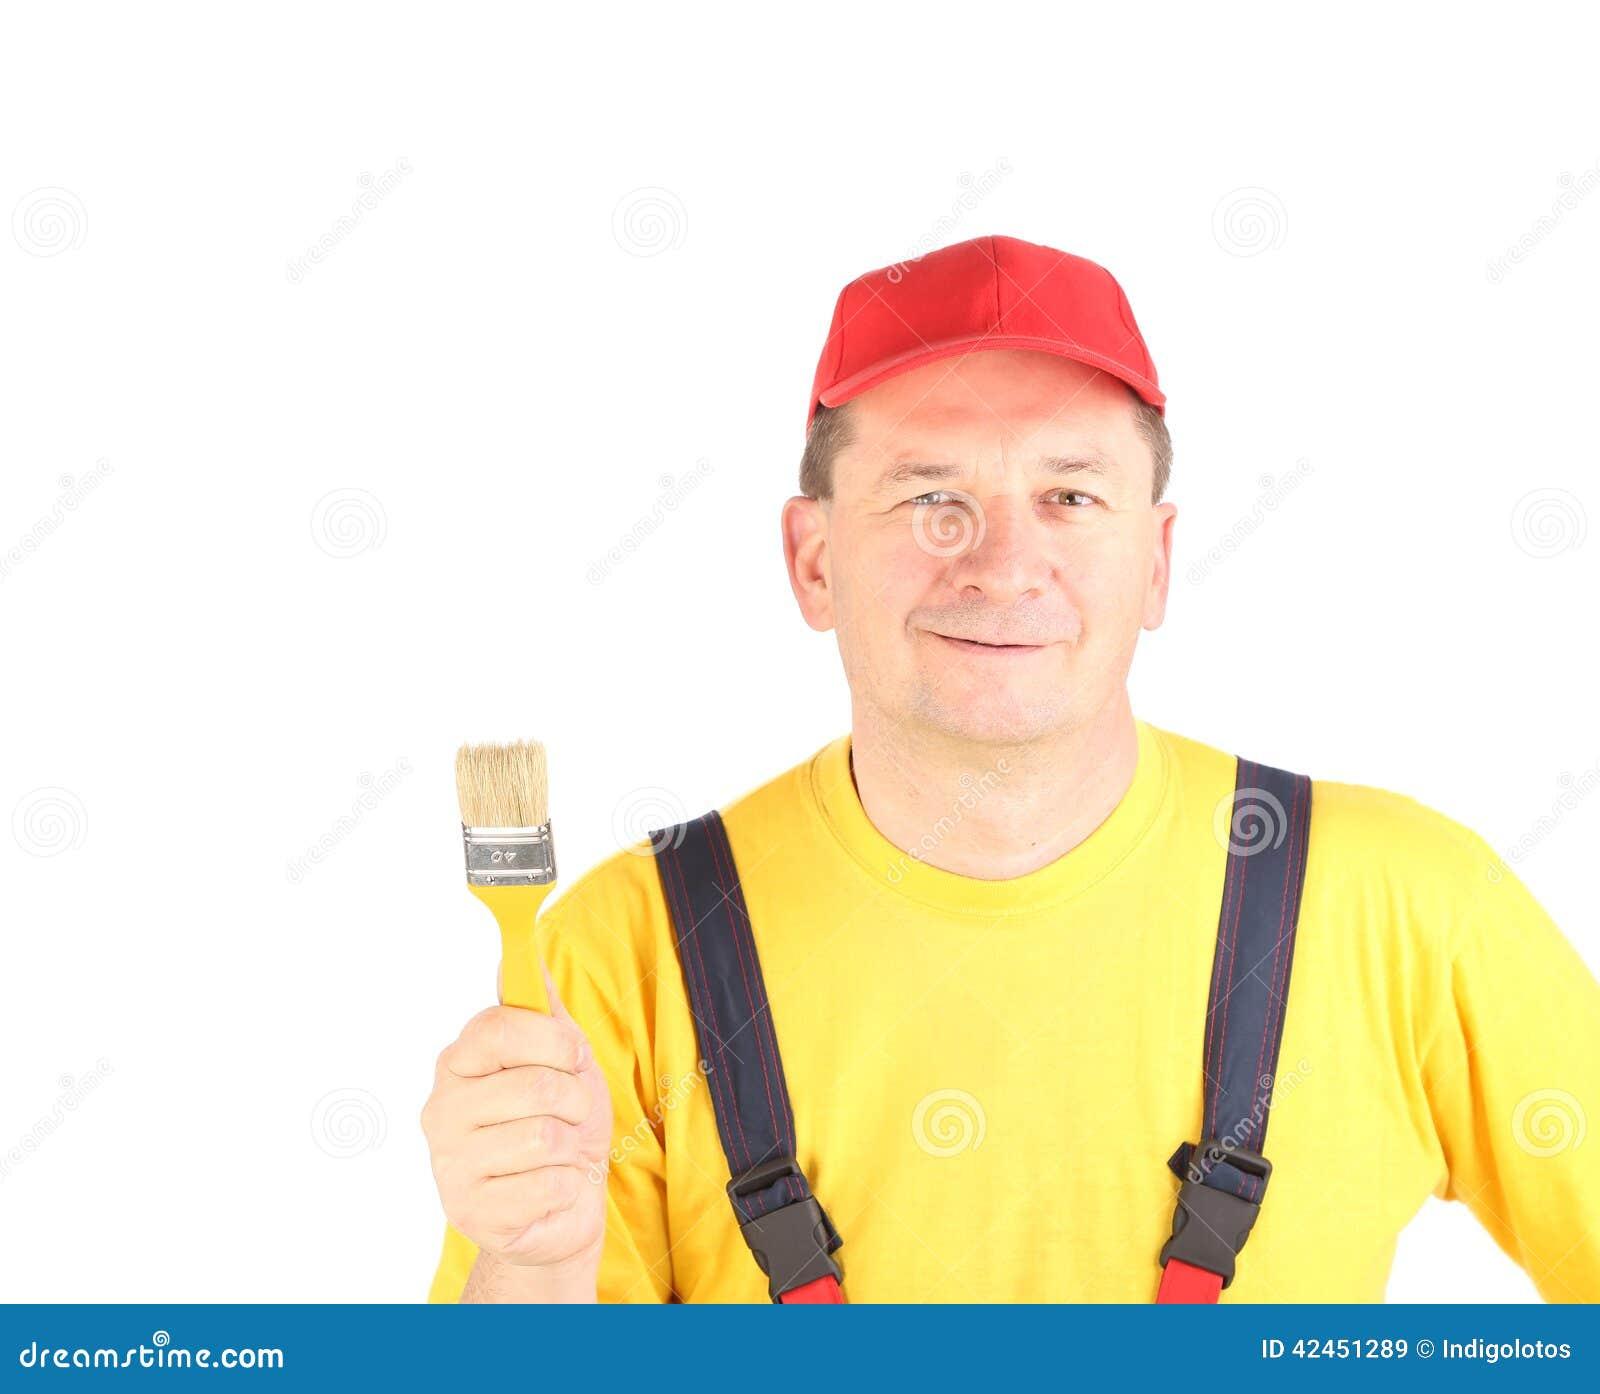 Arbeitskraft zeigt Malereibürste